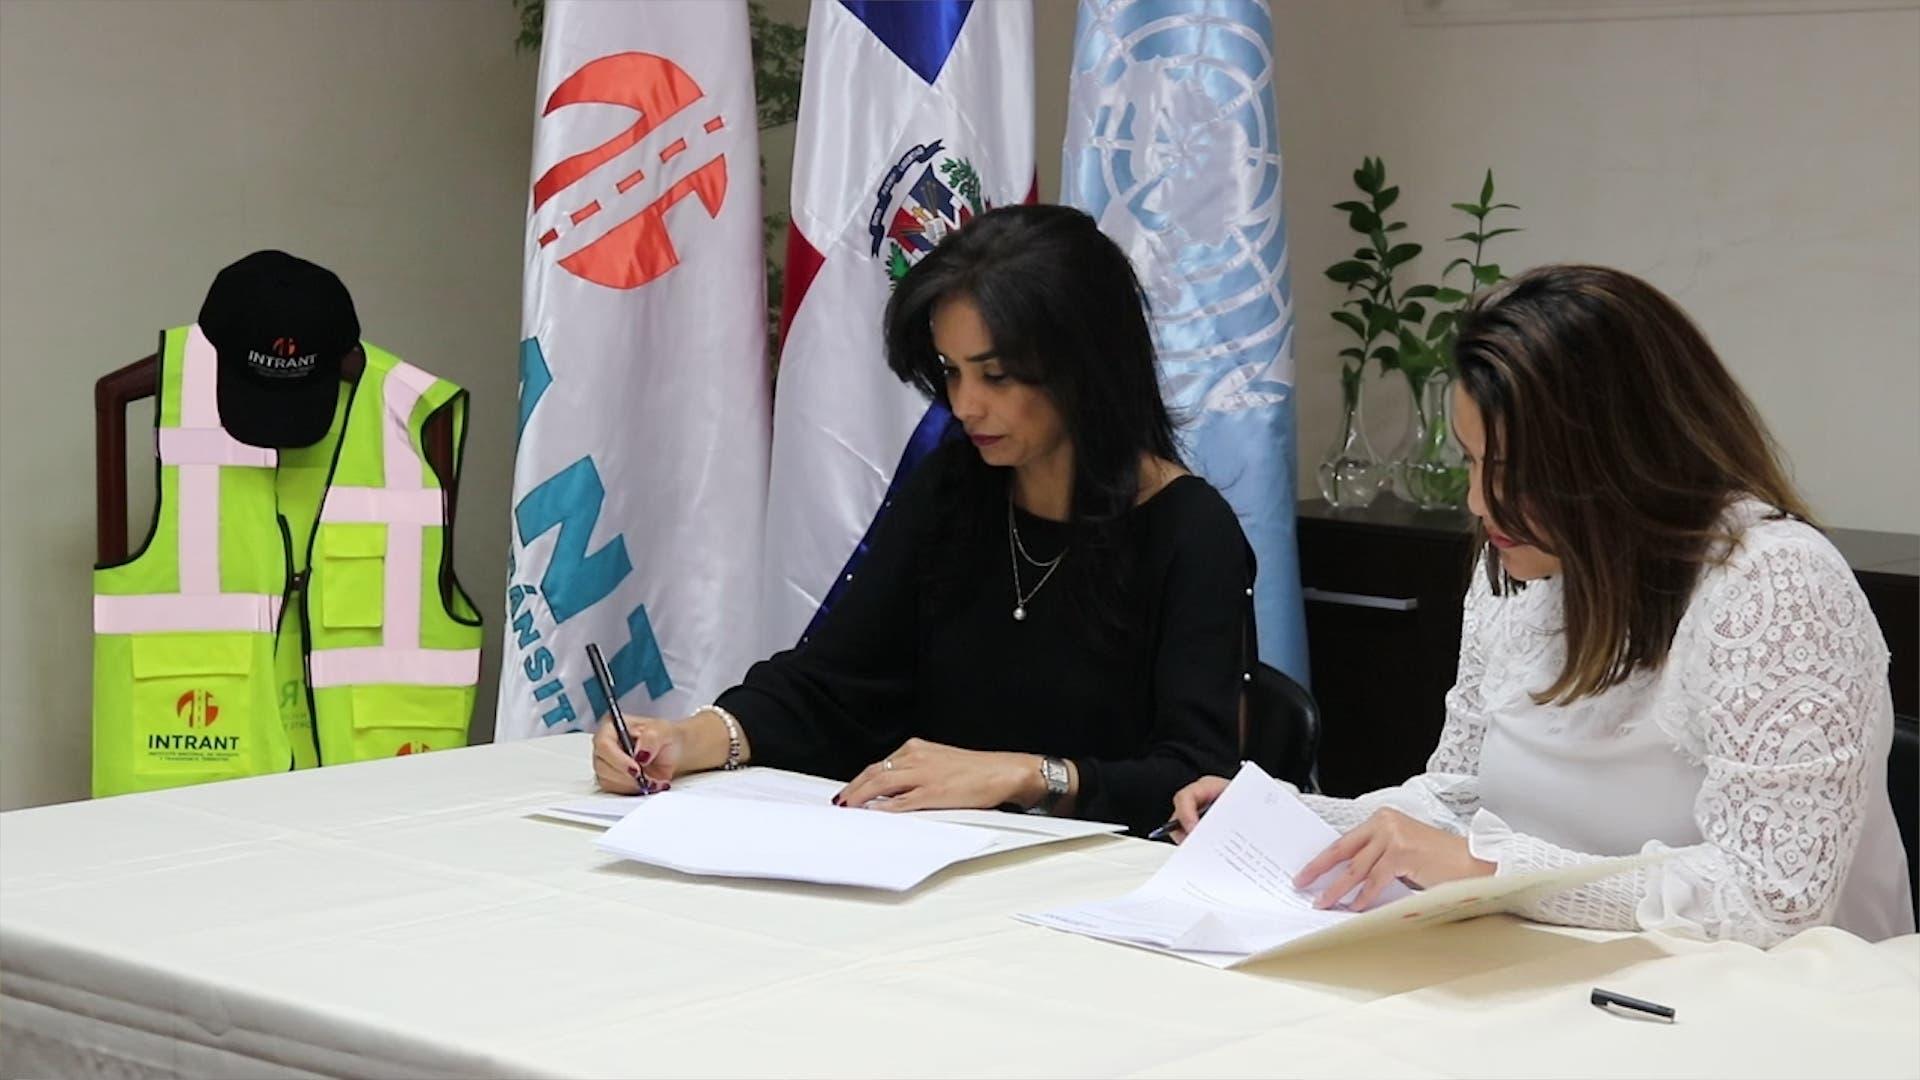 Intrant firma convenio con Unitar para desarrollar planes de educación y Seguridad Vial